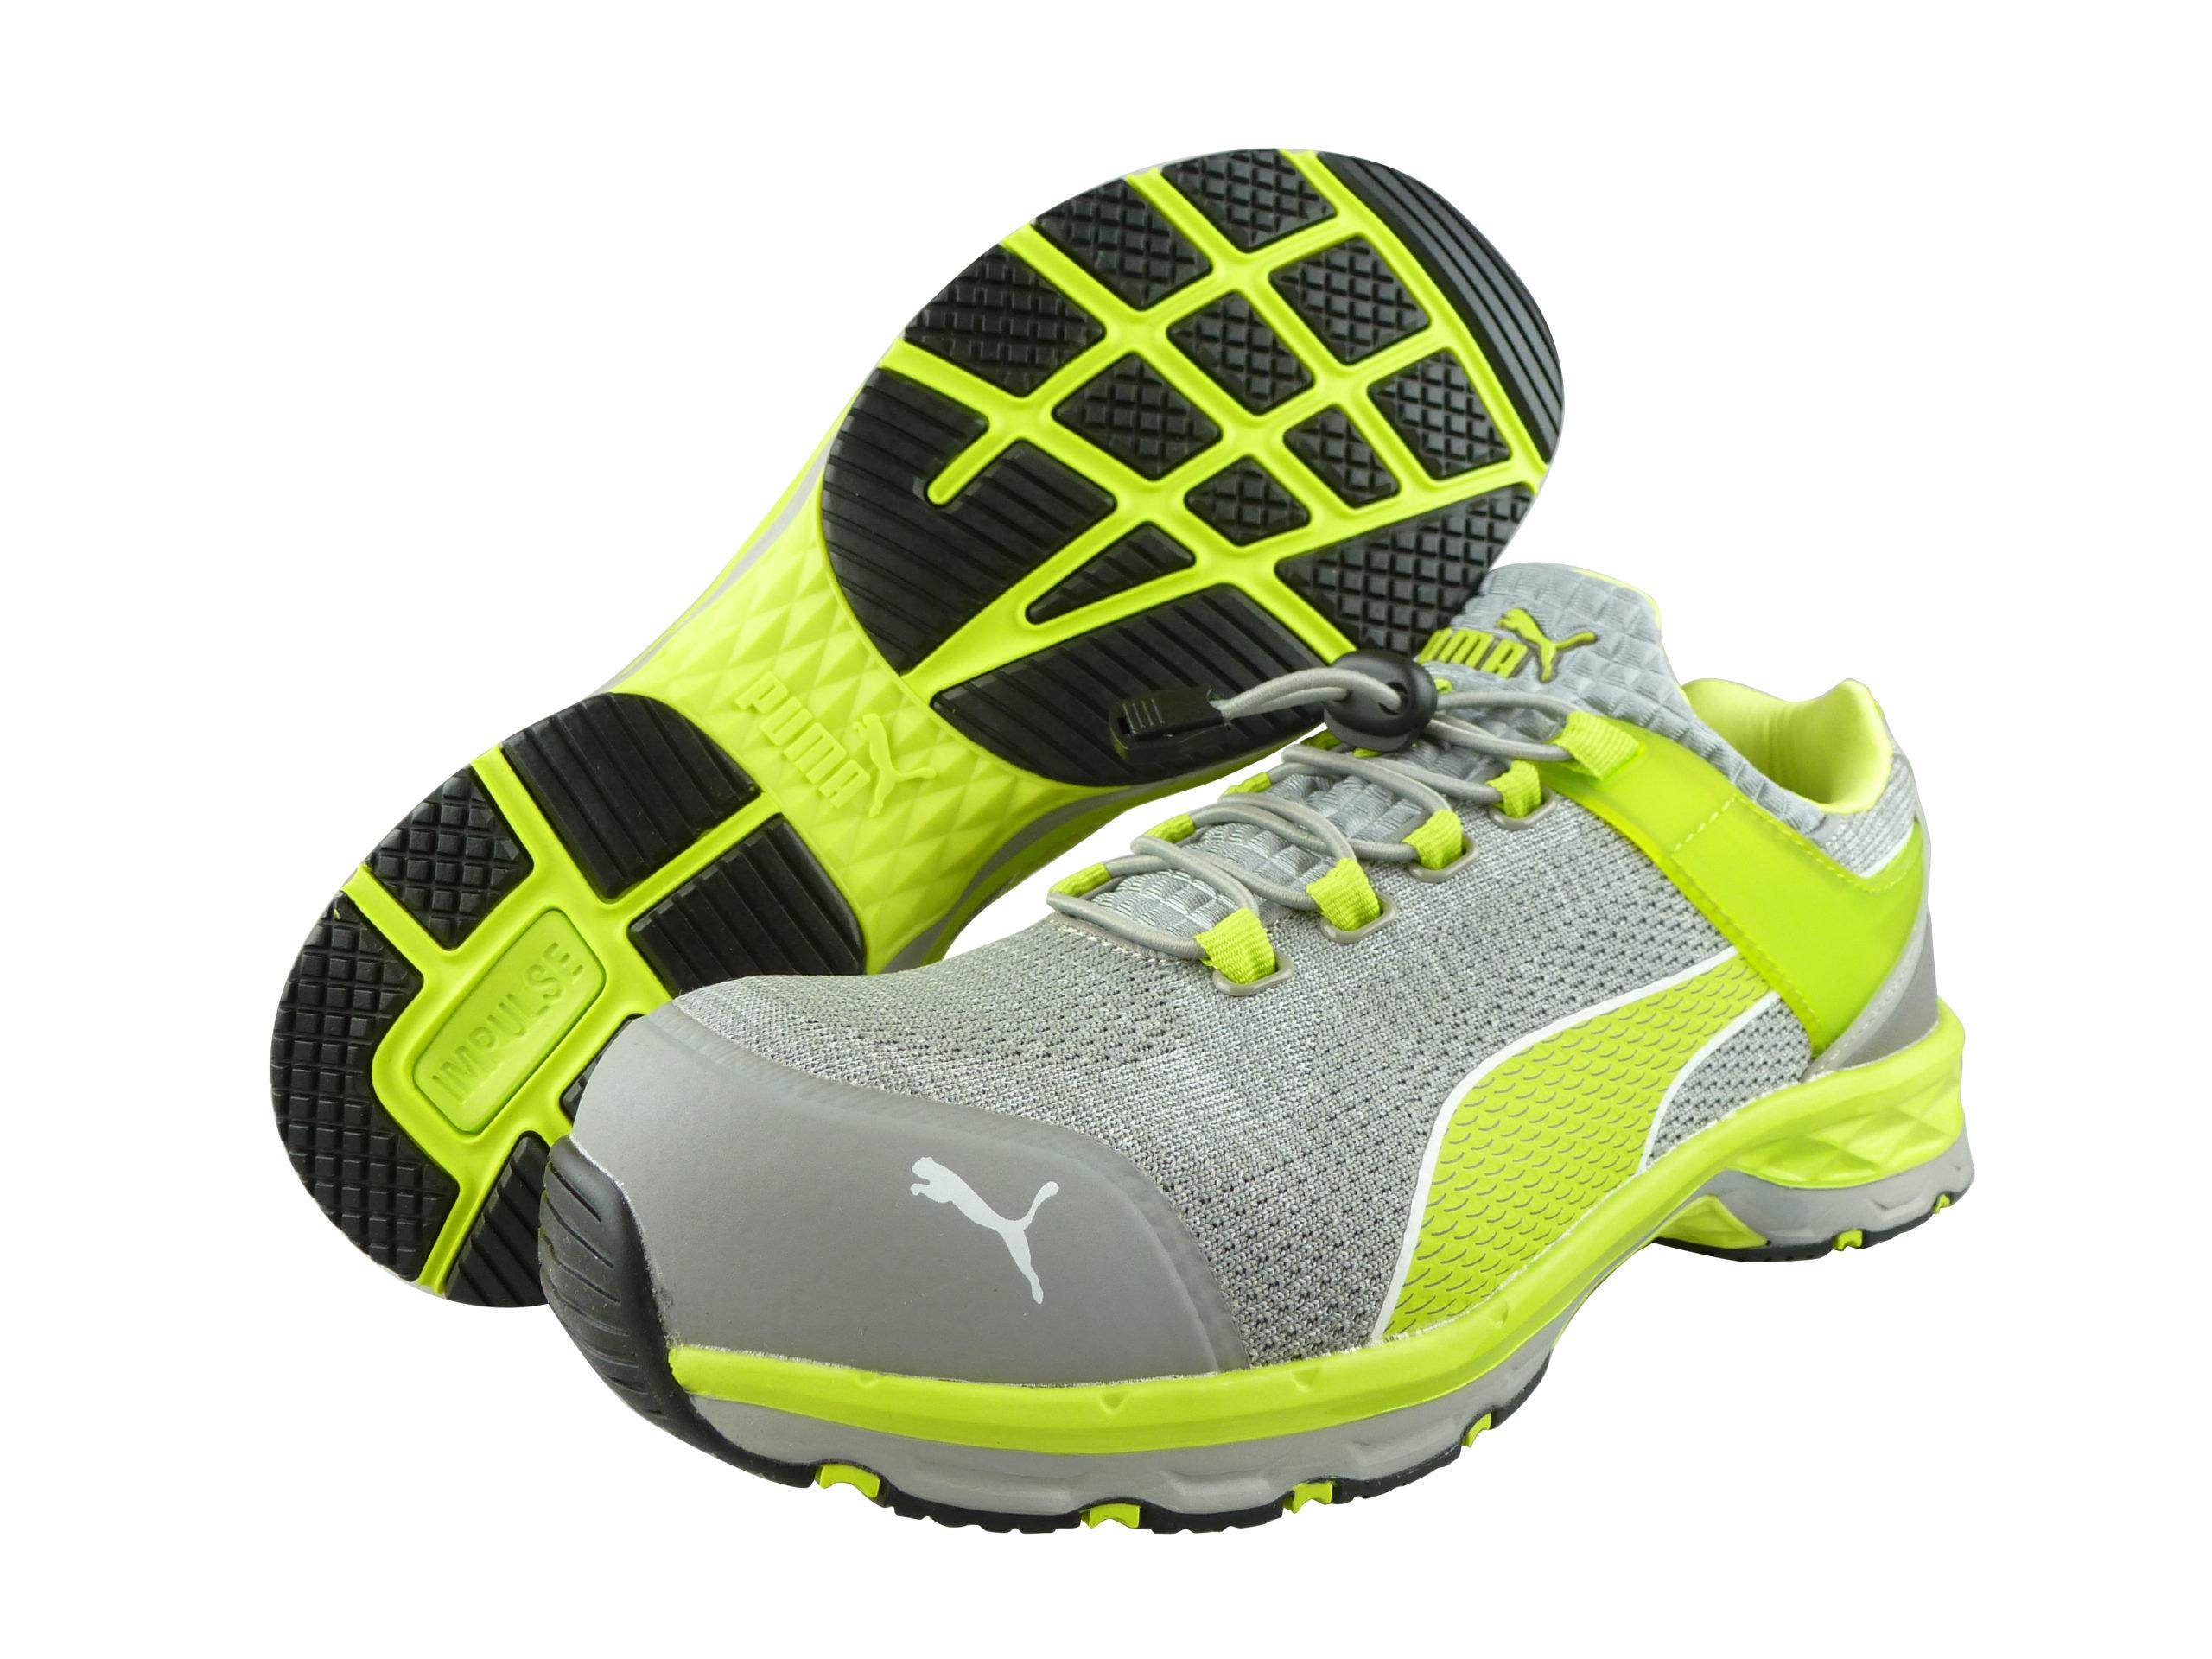 プーマ 安全靴 エキサイト XCITE 2.0